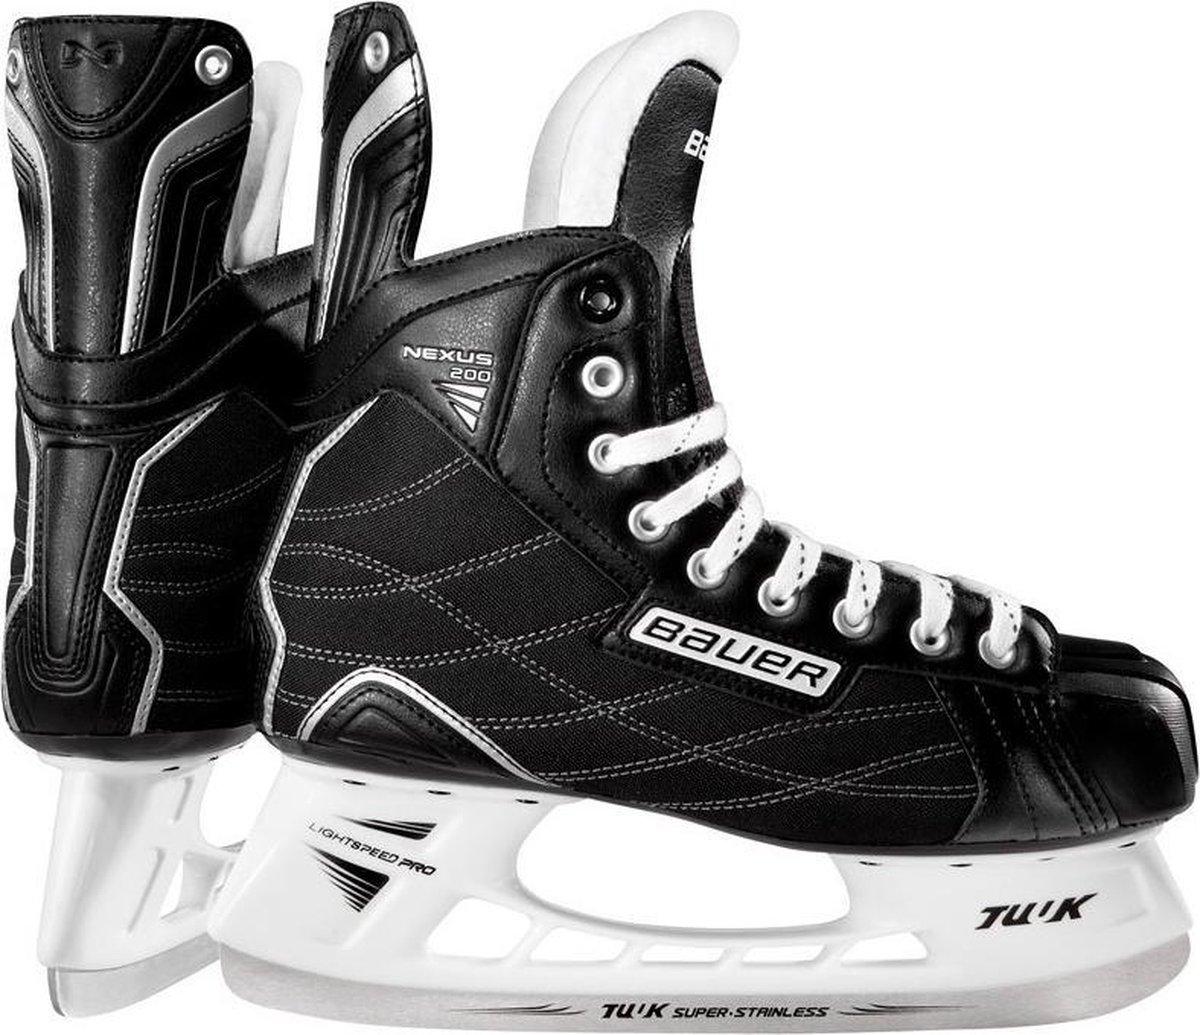 Bauer IJshockeyschaats NEXUS 200 | Maat 43